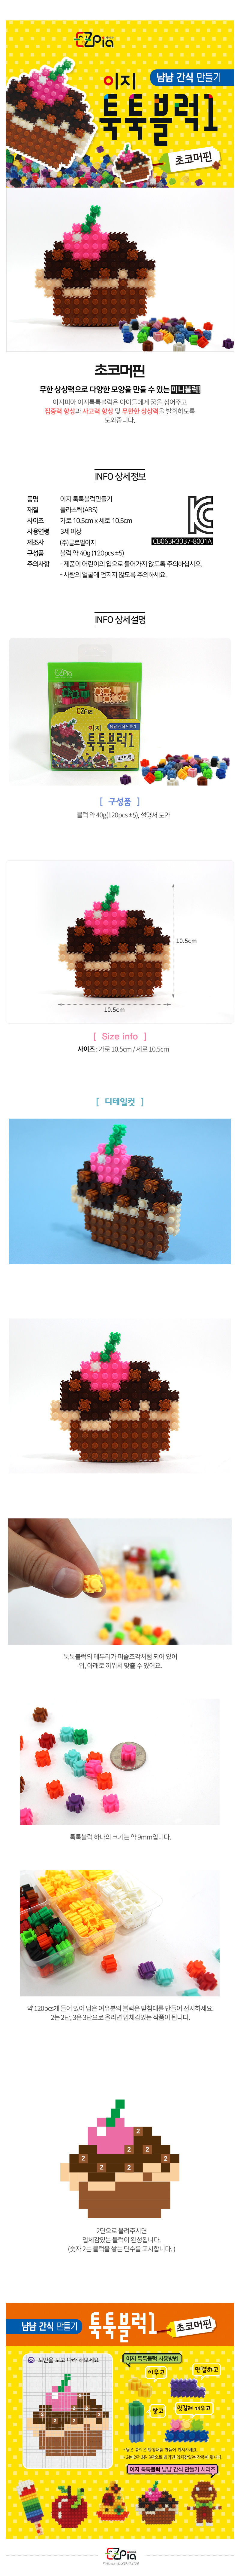 이지 툭툭블럭만들기 (초코머핀)1,770원-이지피아키덜트/취미, 블록/퍼즐, 레고/블록, 블록완구바보사랑이지 툭툭블럭만들기 (초코머핀)1,770원-이지피아키덜트/취미, 블록/퍼즐, 레고/블록, 블록완구바보사랑